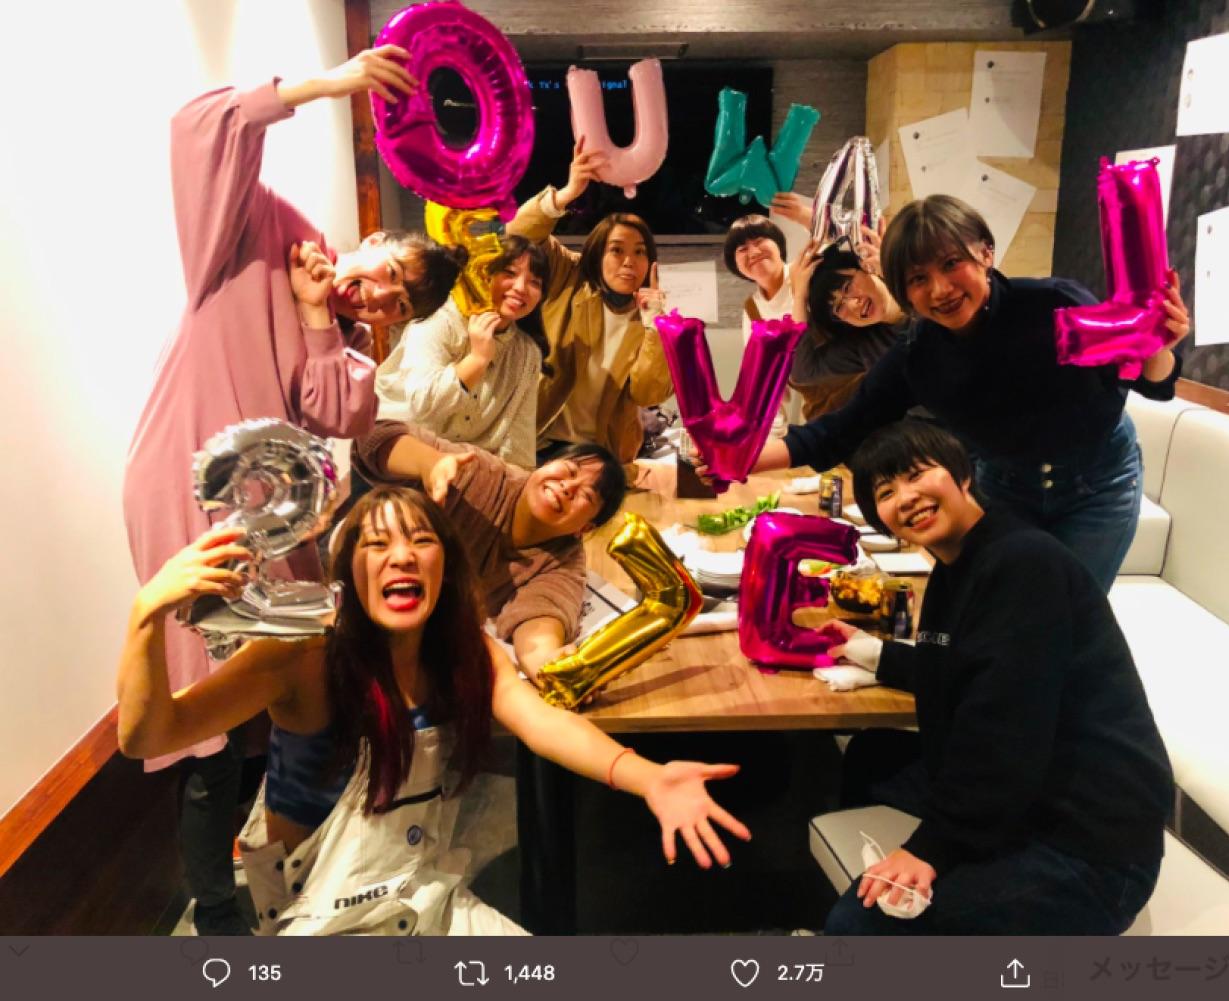 フワちゃんの誕生日会、気のおけない仲間と(画像は『フワちゃん FUWA 2020年11月27日付Twitter「誕生日会の装飾、アンチコメントですんなや!!!!!!!!!!」』のスクリーンショット)